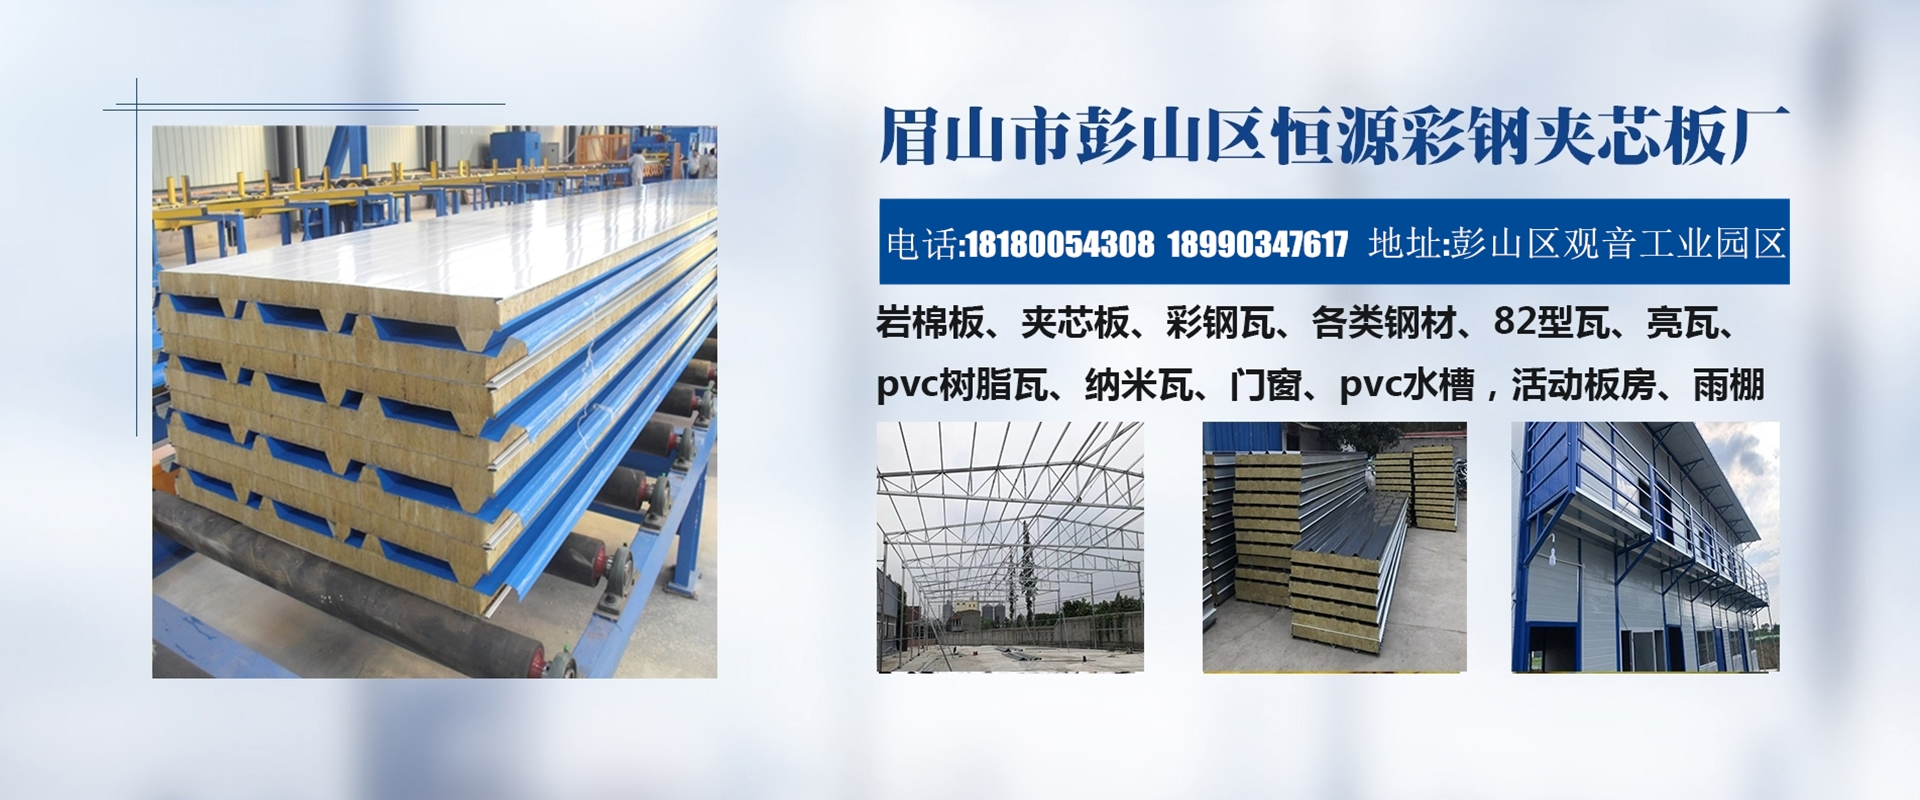 恒源夹芯板厂是一家眉山夹芯板厂家,主要生产和销售岩棉夹芯板!